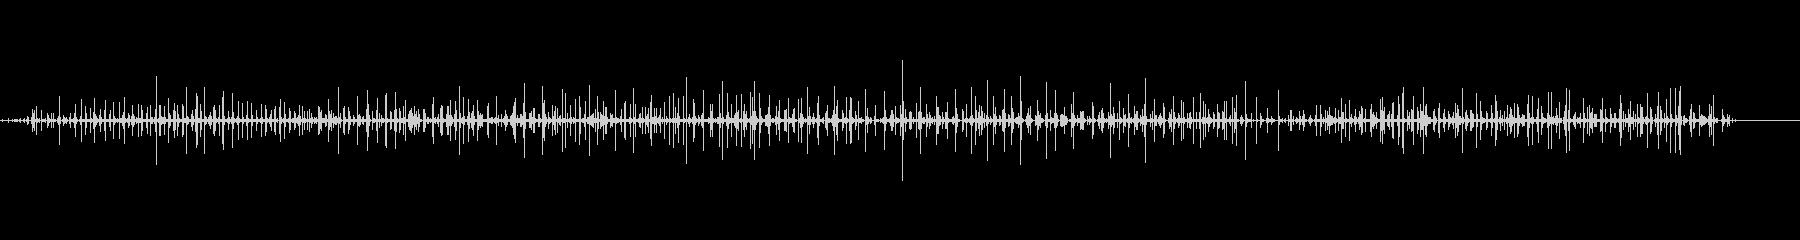 馬-キャリッジ-2頭の馬チーム-パセオ1の未再生の波形